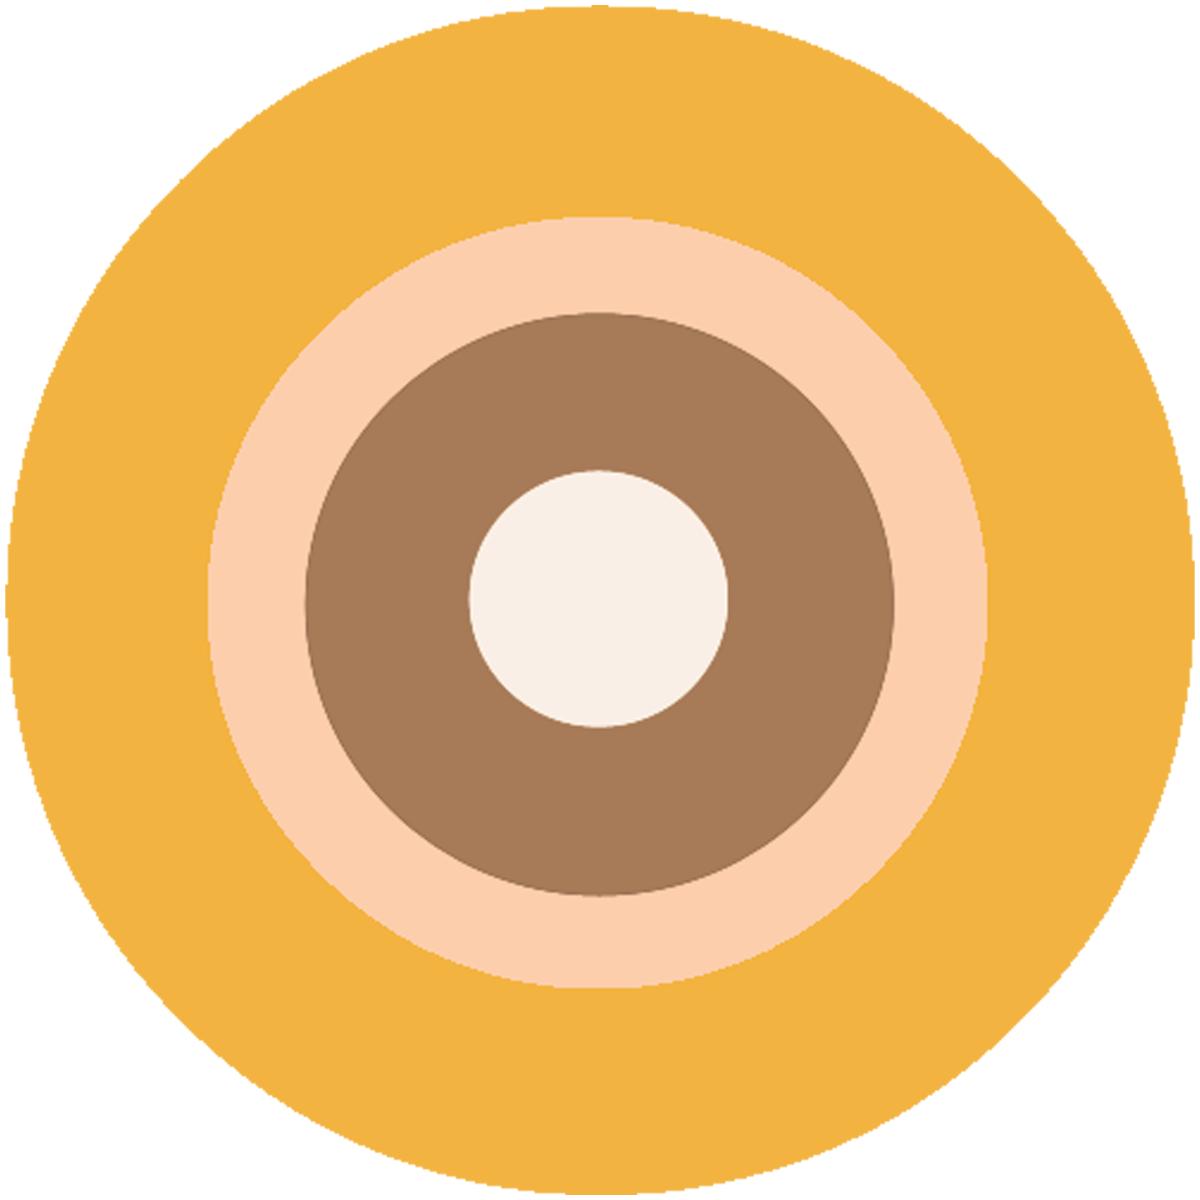 thecardboardboutique_logo